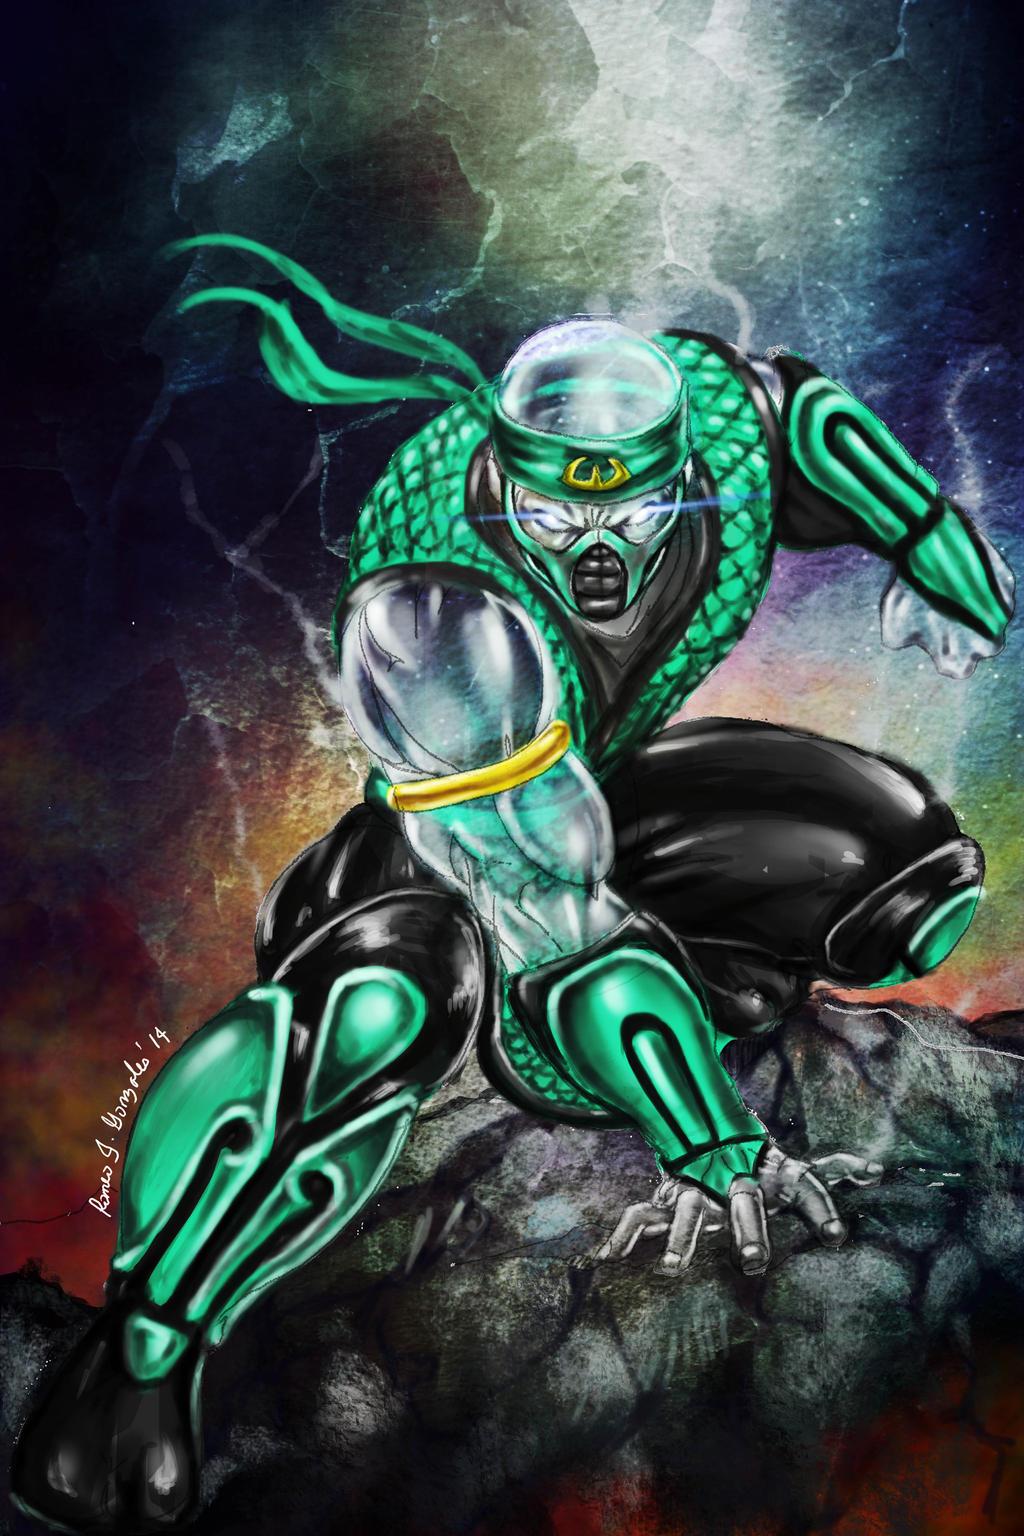 Mortal kombat chameleon wallpaper